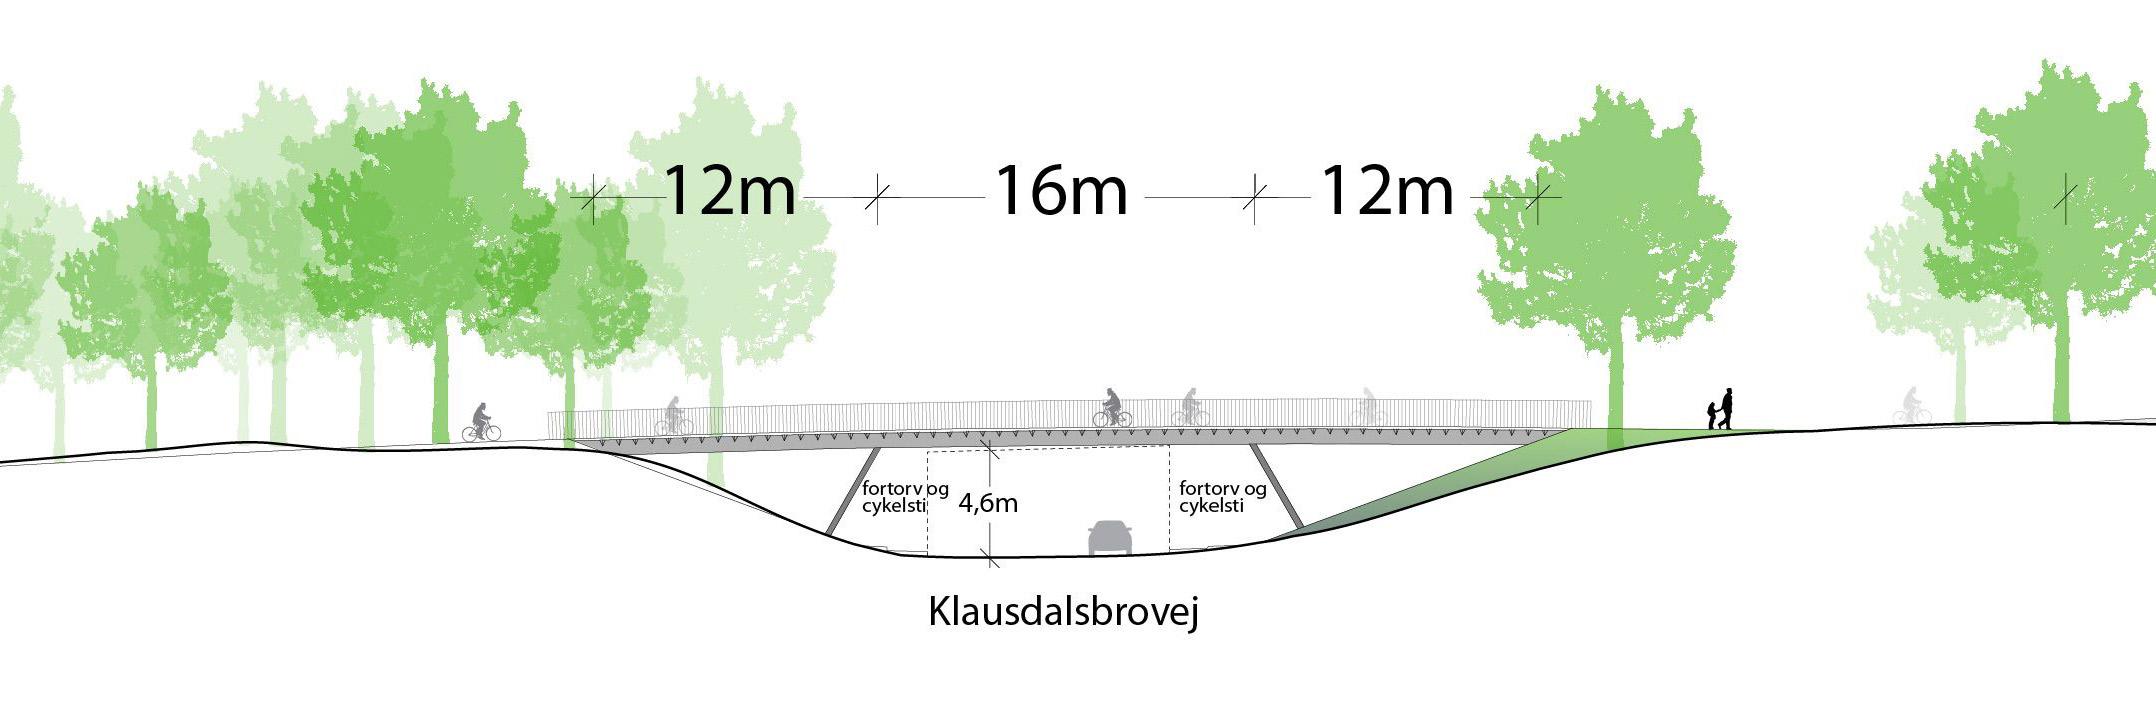 TEGNING_Klausdalsbrovej_bro_A.jpg